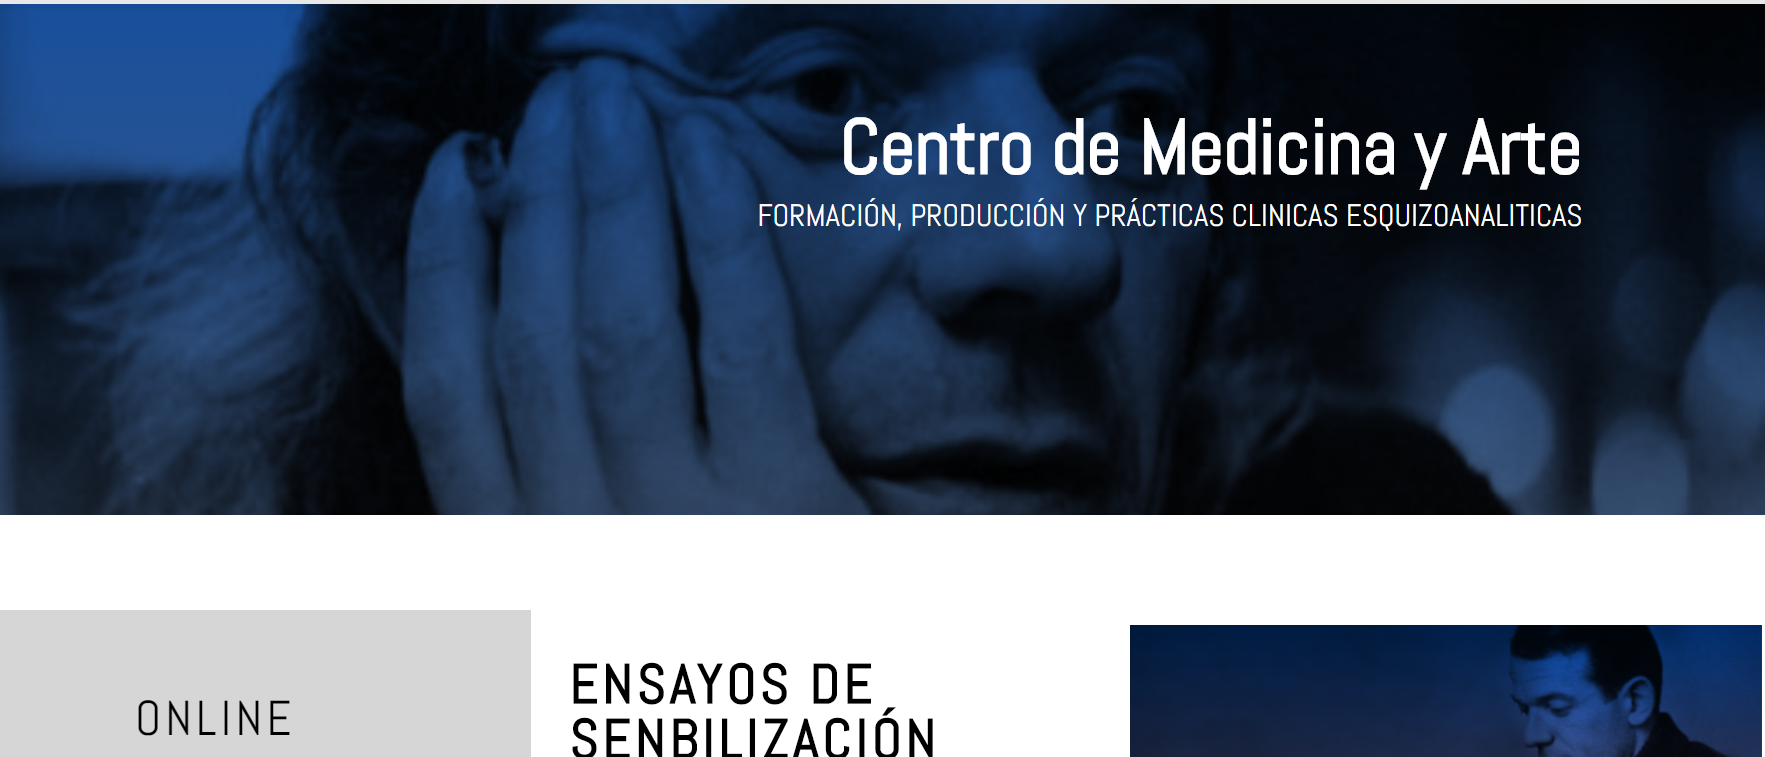 http://www.medicinayarte.com/img/seminario%20de%20esquizoanalisis.png